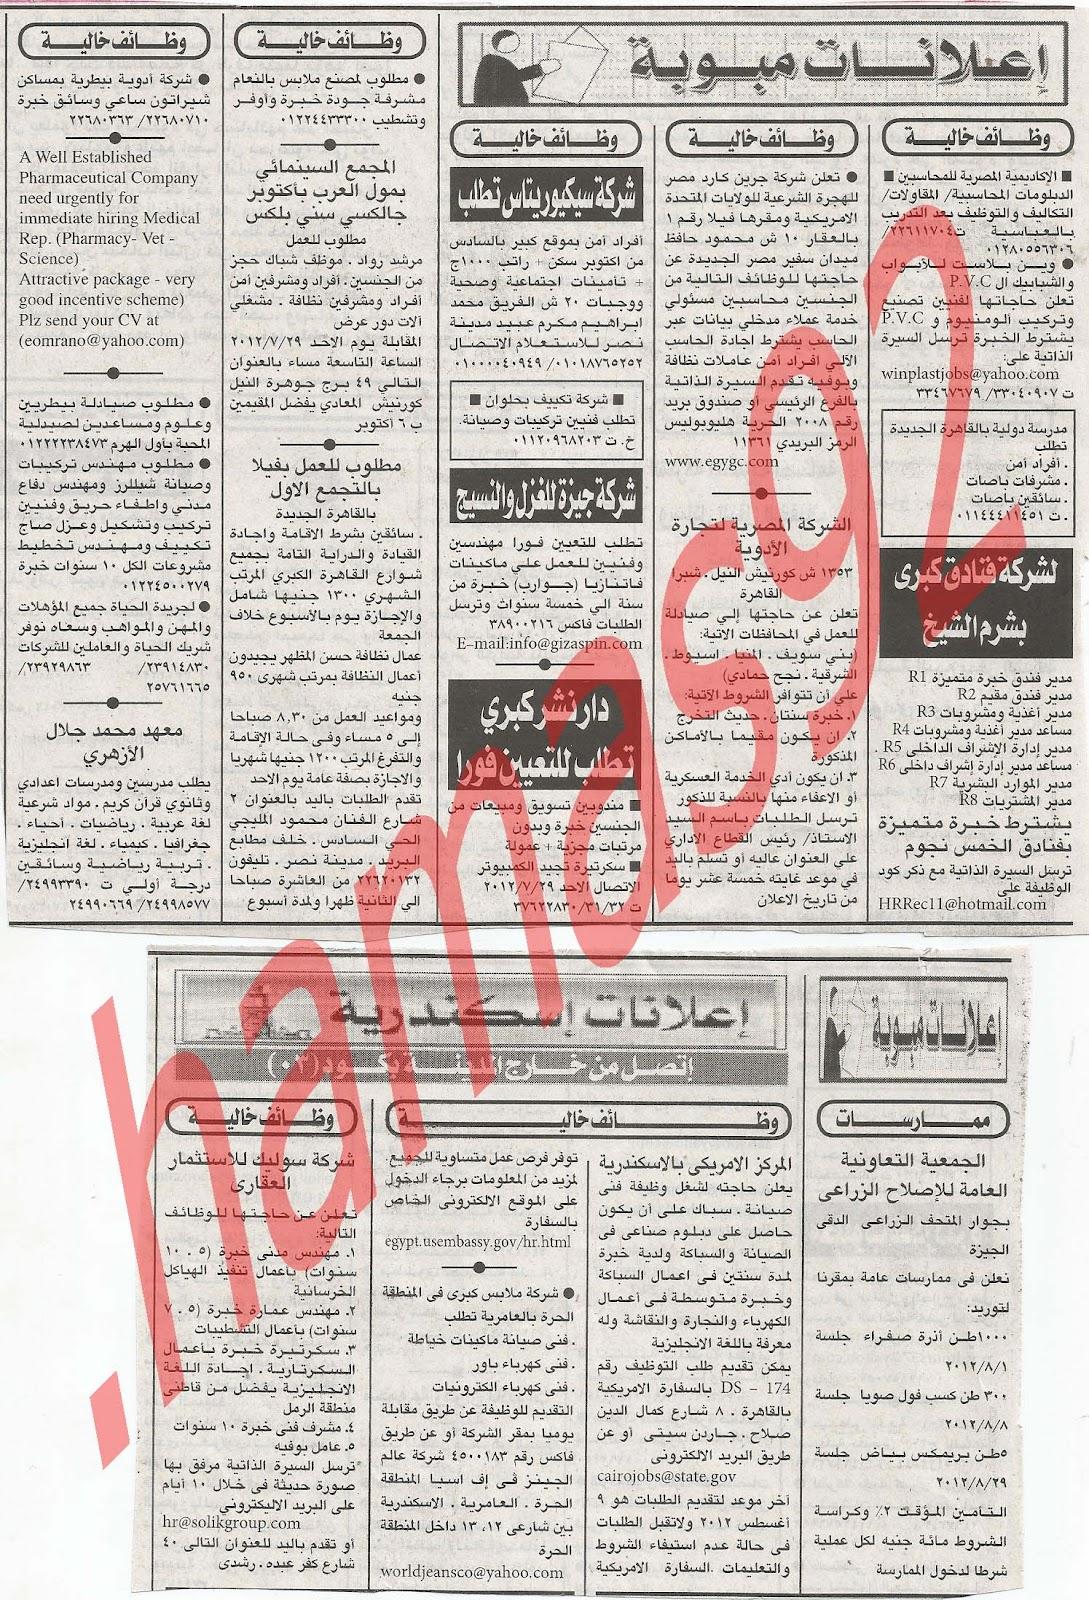 اعلانات الوظائف الخالية فى جريدة الاهرام الجمعة 27/7/2012 - الاهرام الاسبوعى 6